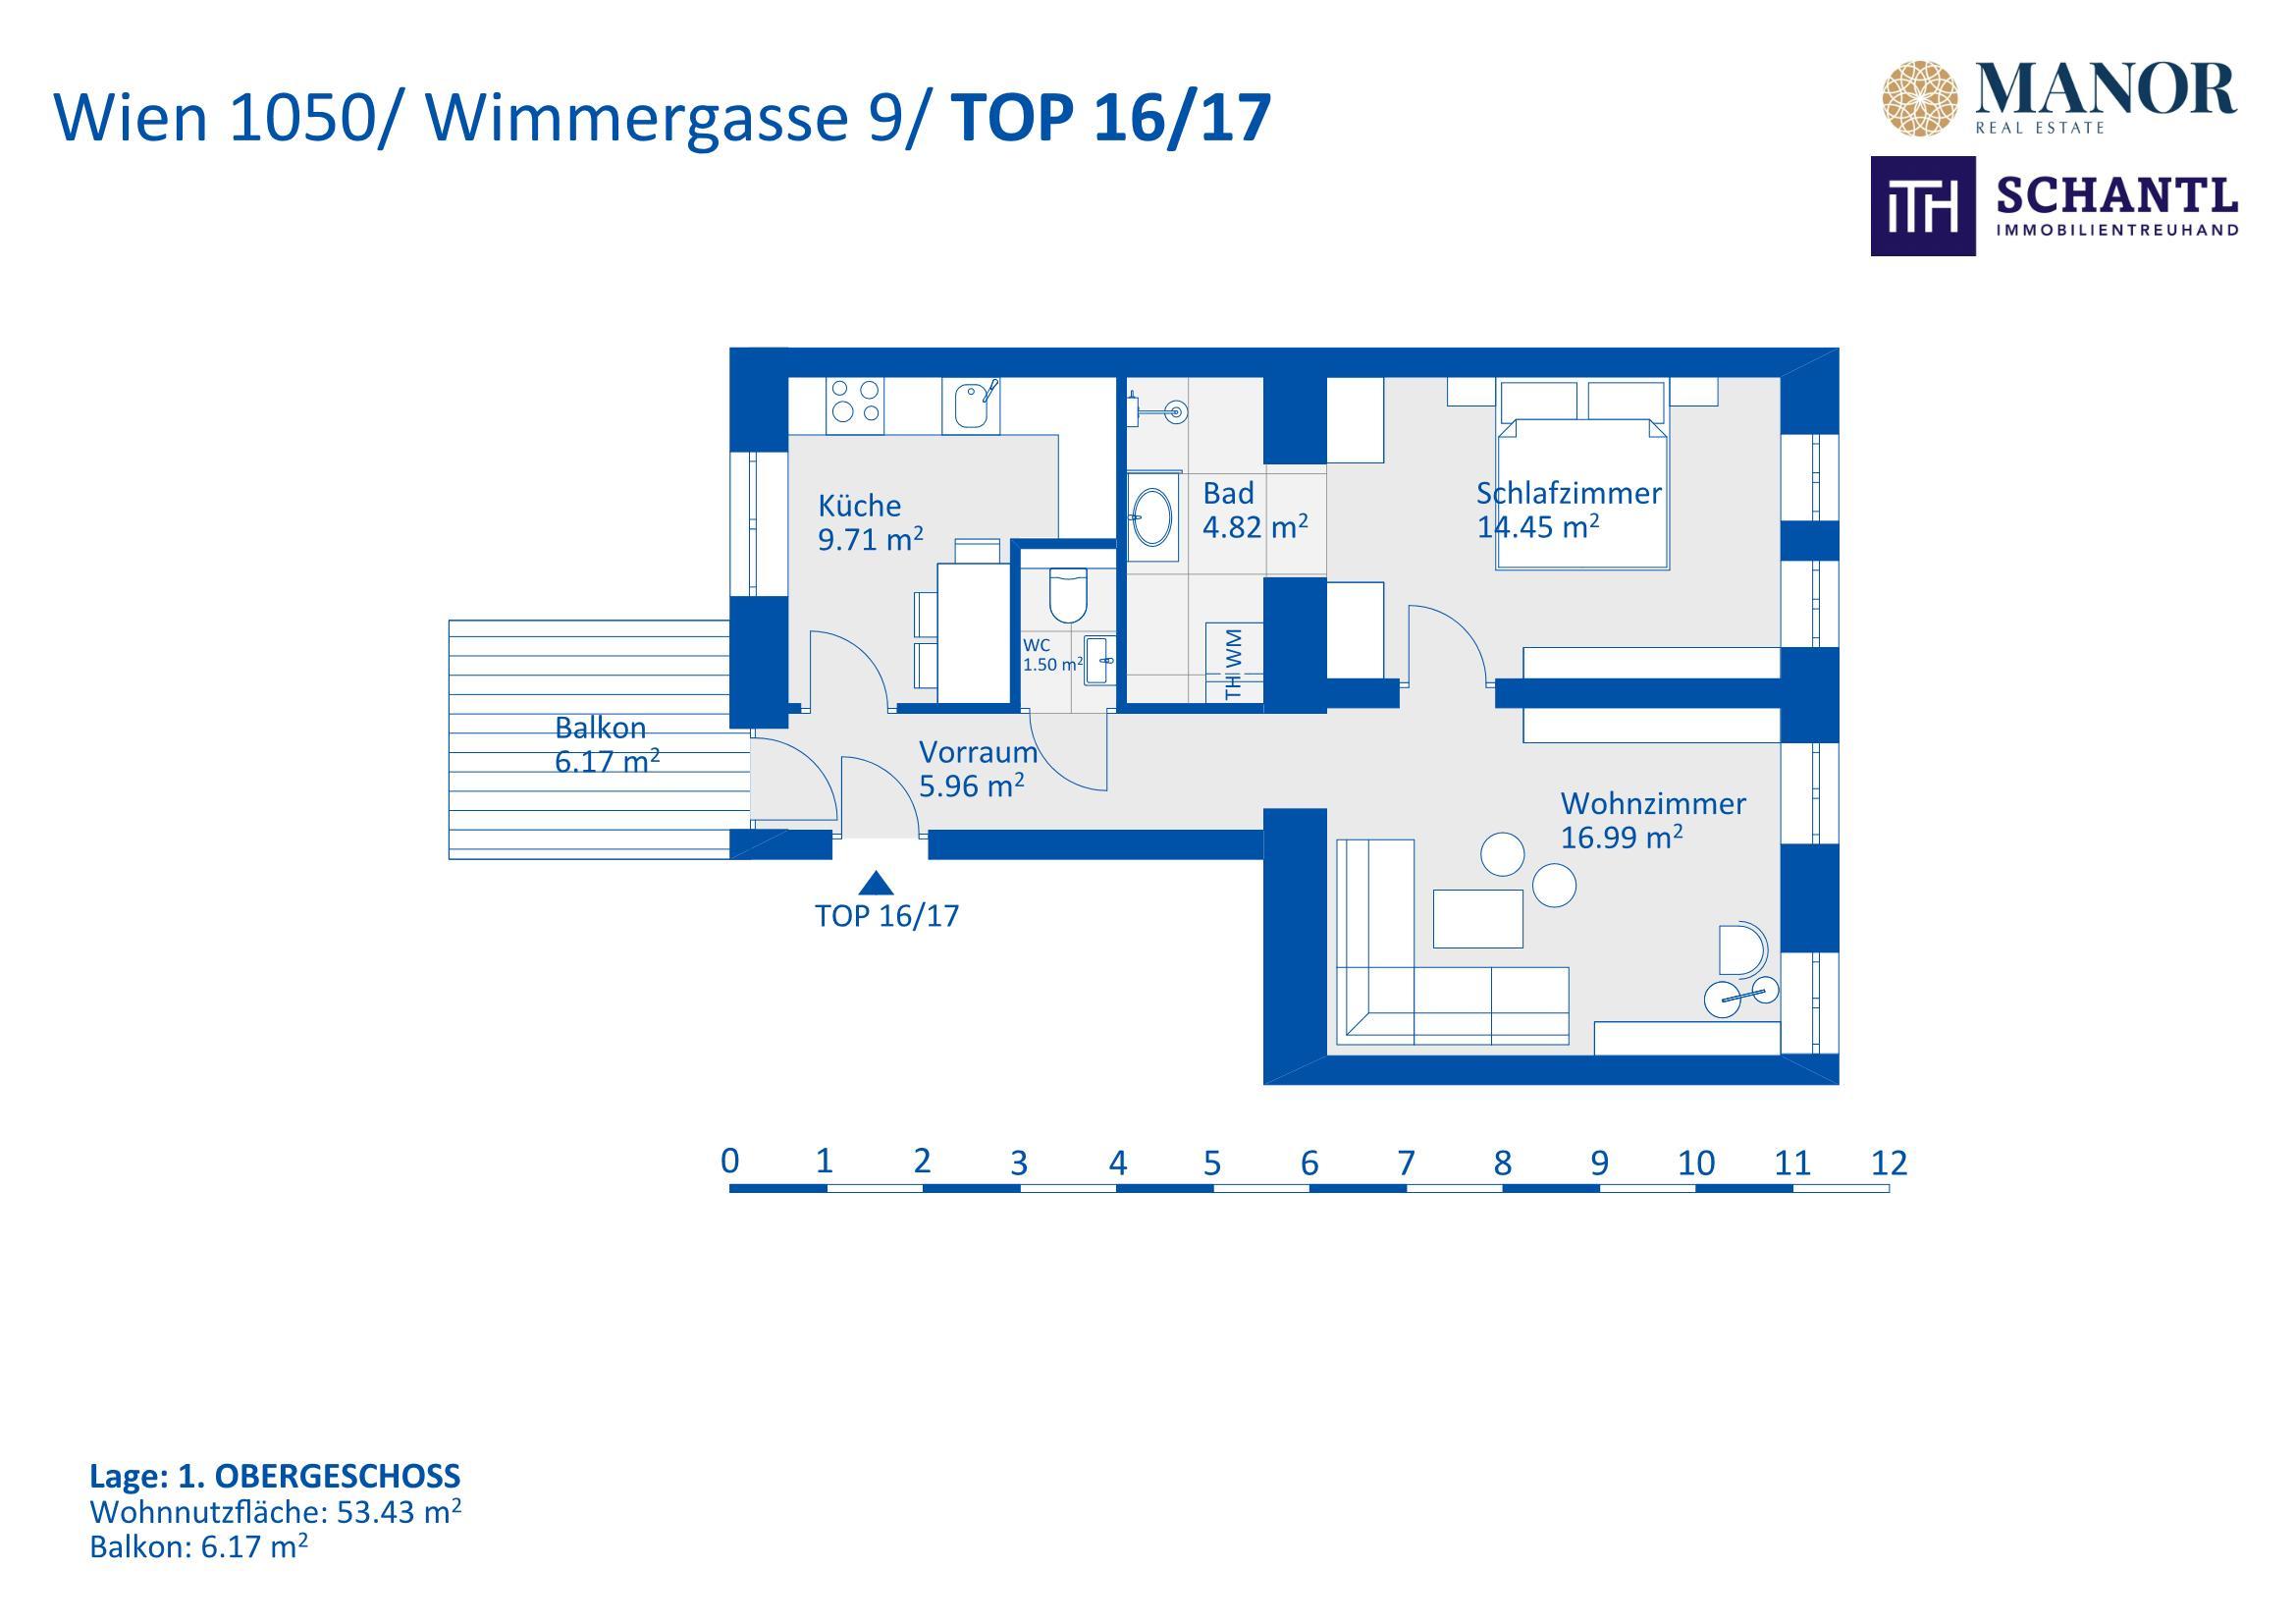 1050 Wien_Wimergasse 9_Top 16_17